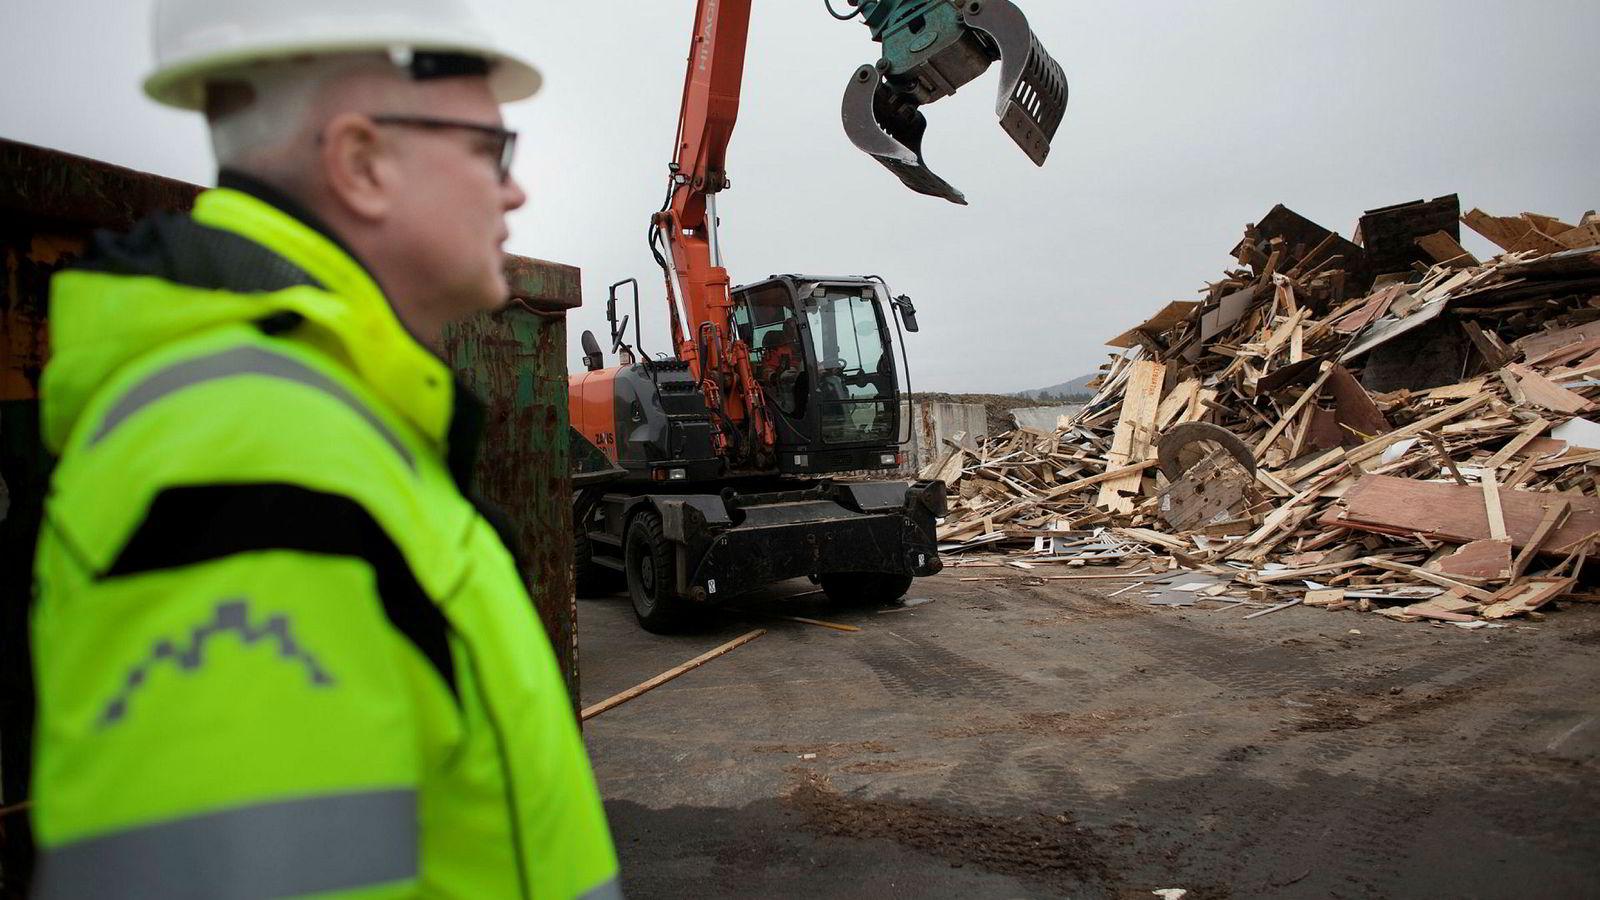 Den Karmøy-baserte avfallsbedriften Geminor transporterer, sorterer og prosesserer avfall i store deler av Europa. Driftsdirektør og medeier Ralf Schöpwinkel viser rundt på Storøy-anlegget nær hovedkontoret.